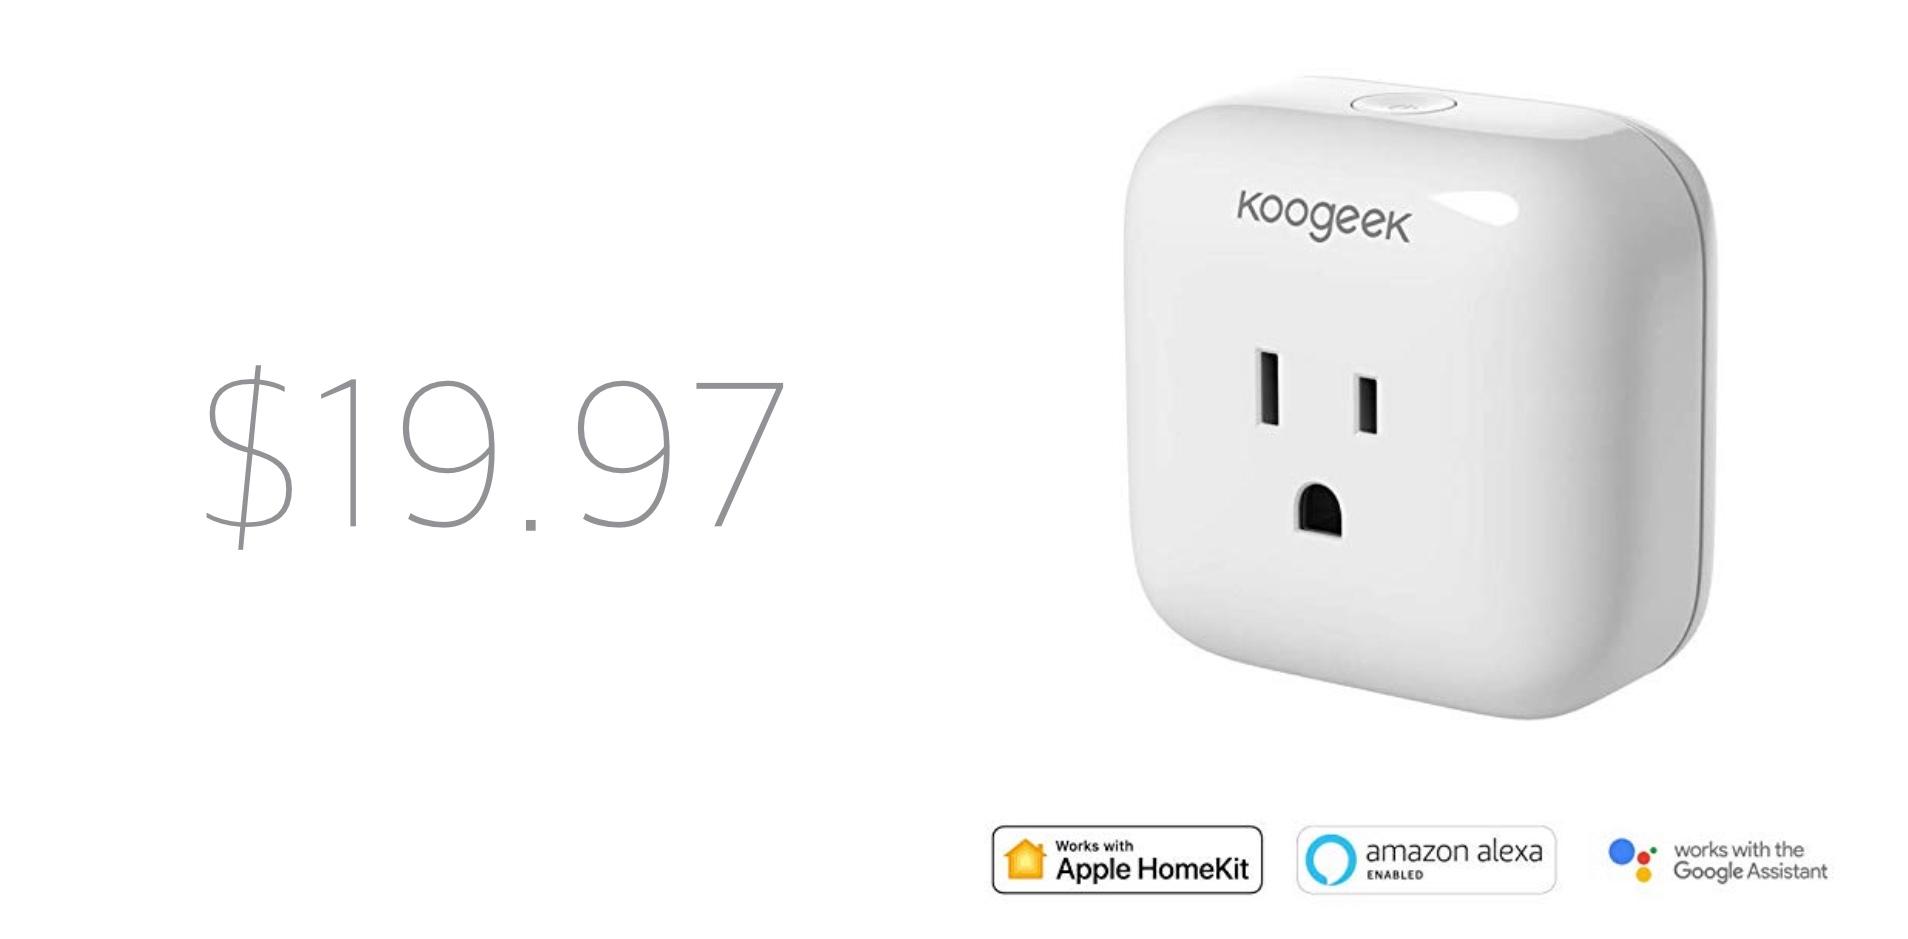 Koogeek is Offering a HomeKit Smart WiFi Plug for Just $19 97